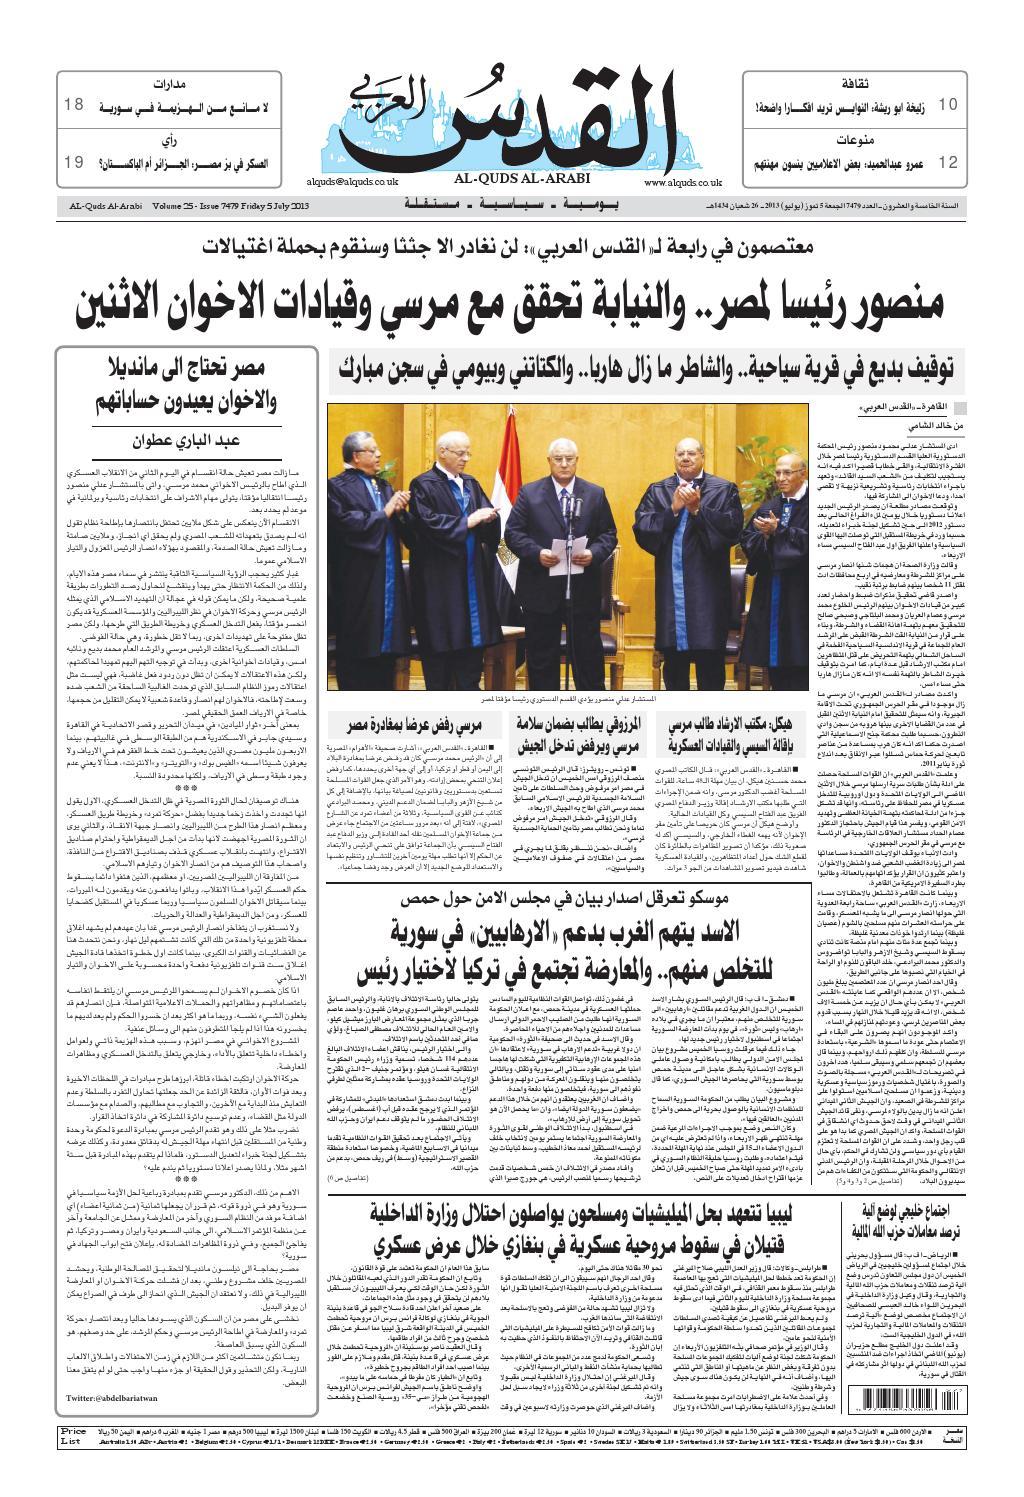 b1f980a29 صحيفة القدس العربي , الجمعة 05.07.2013 by مركز الحدث - issuu